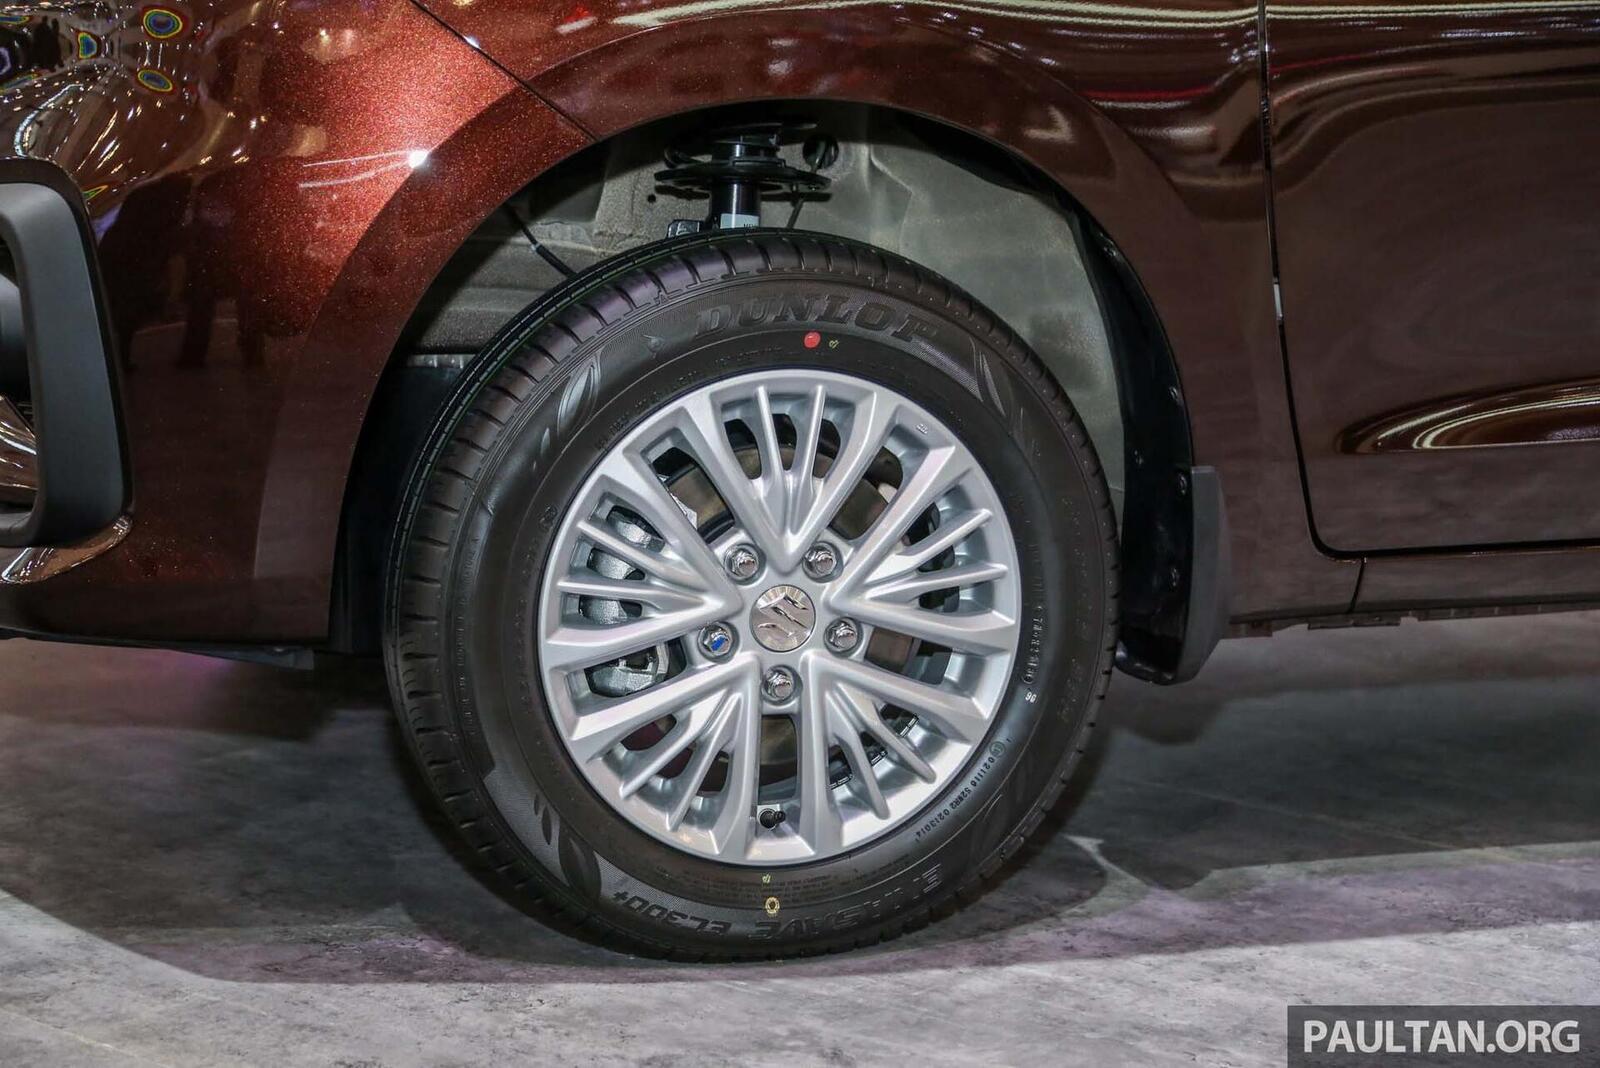 Suzuki Ertiga thế hệ mới có giá từ 486 triệu đồng tại Thái Lan; chưa hẹn ngày về Việt Nam - Hình 20